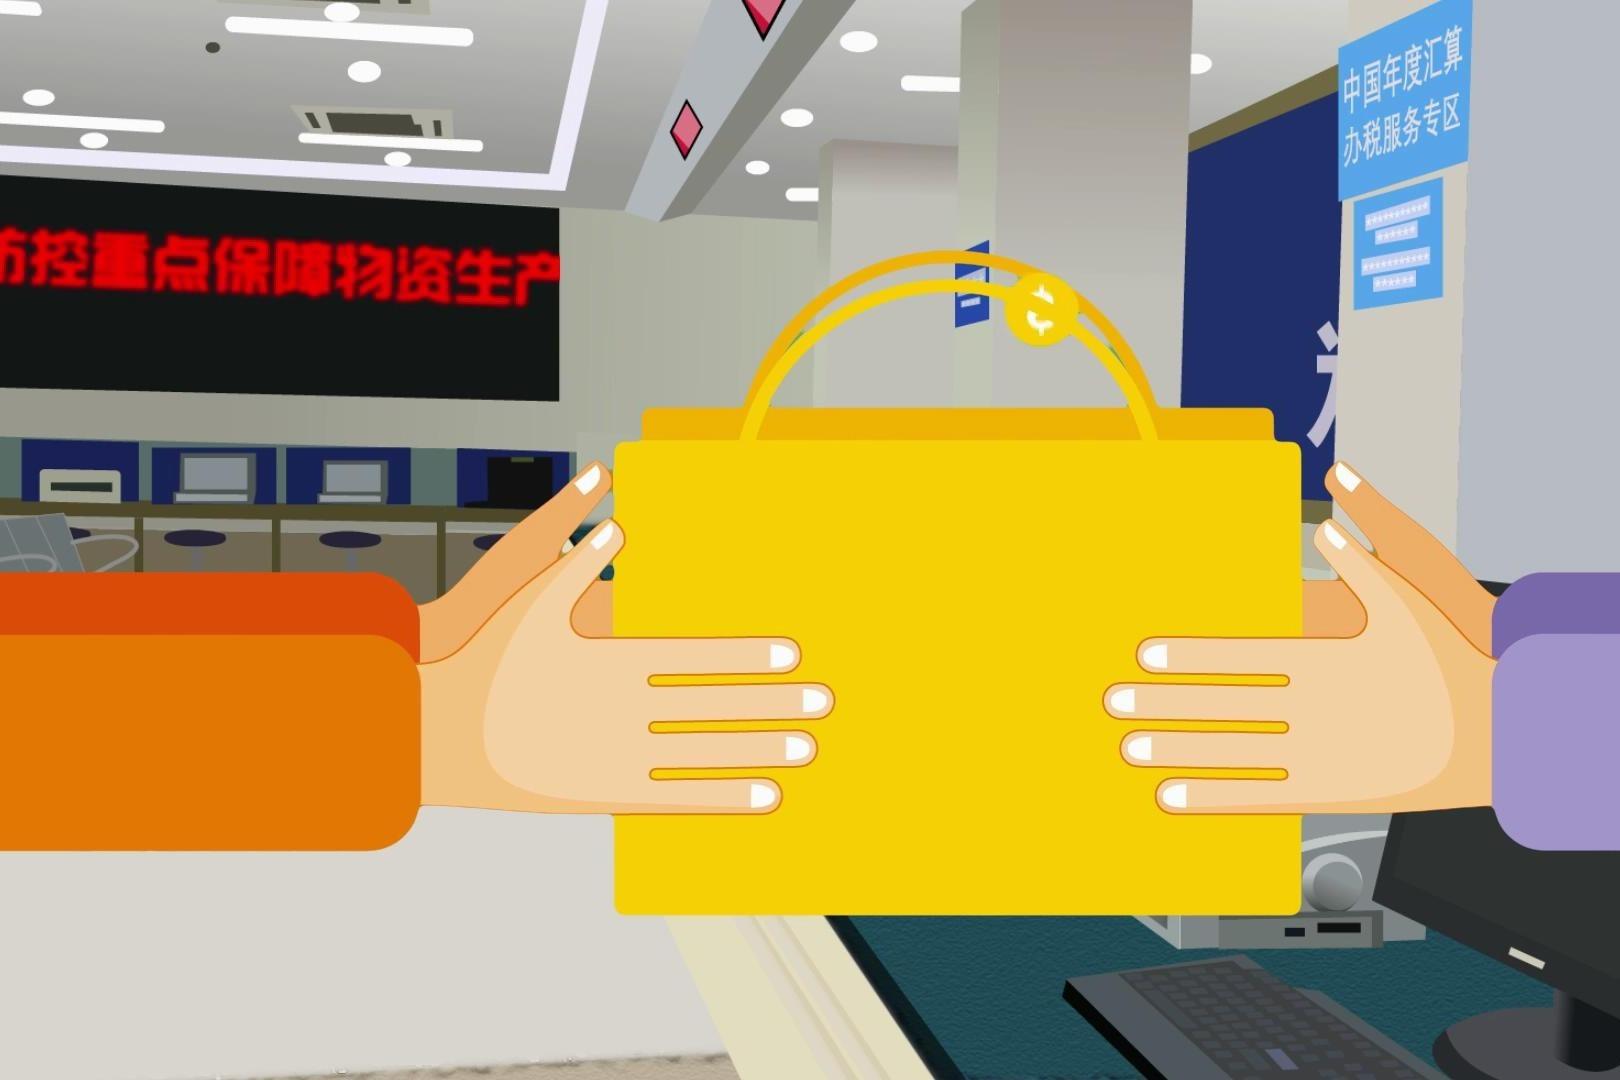 南丰县税务局动漫作品《优化营商环境,南丰税务在行动》